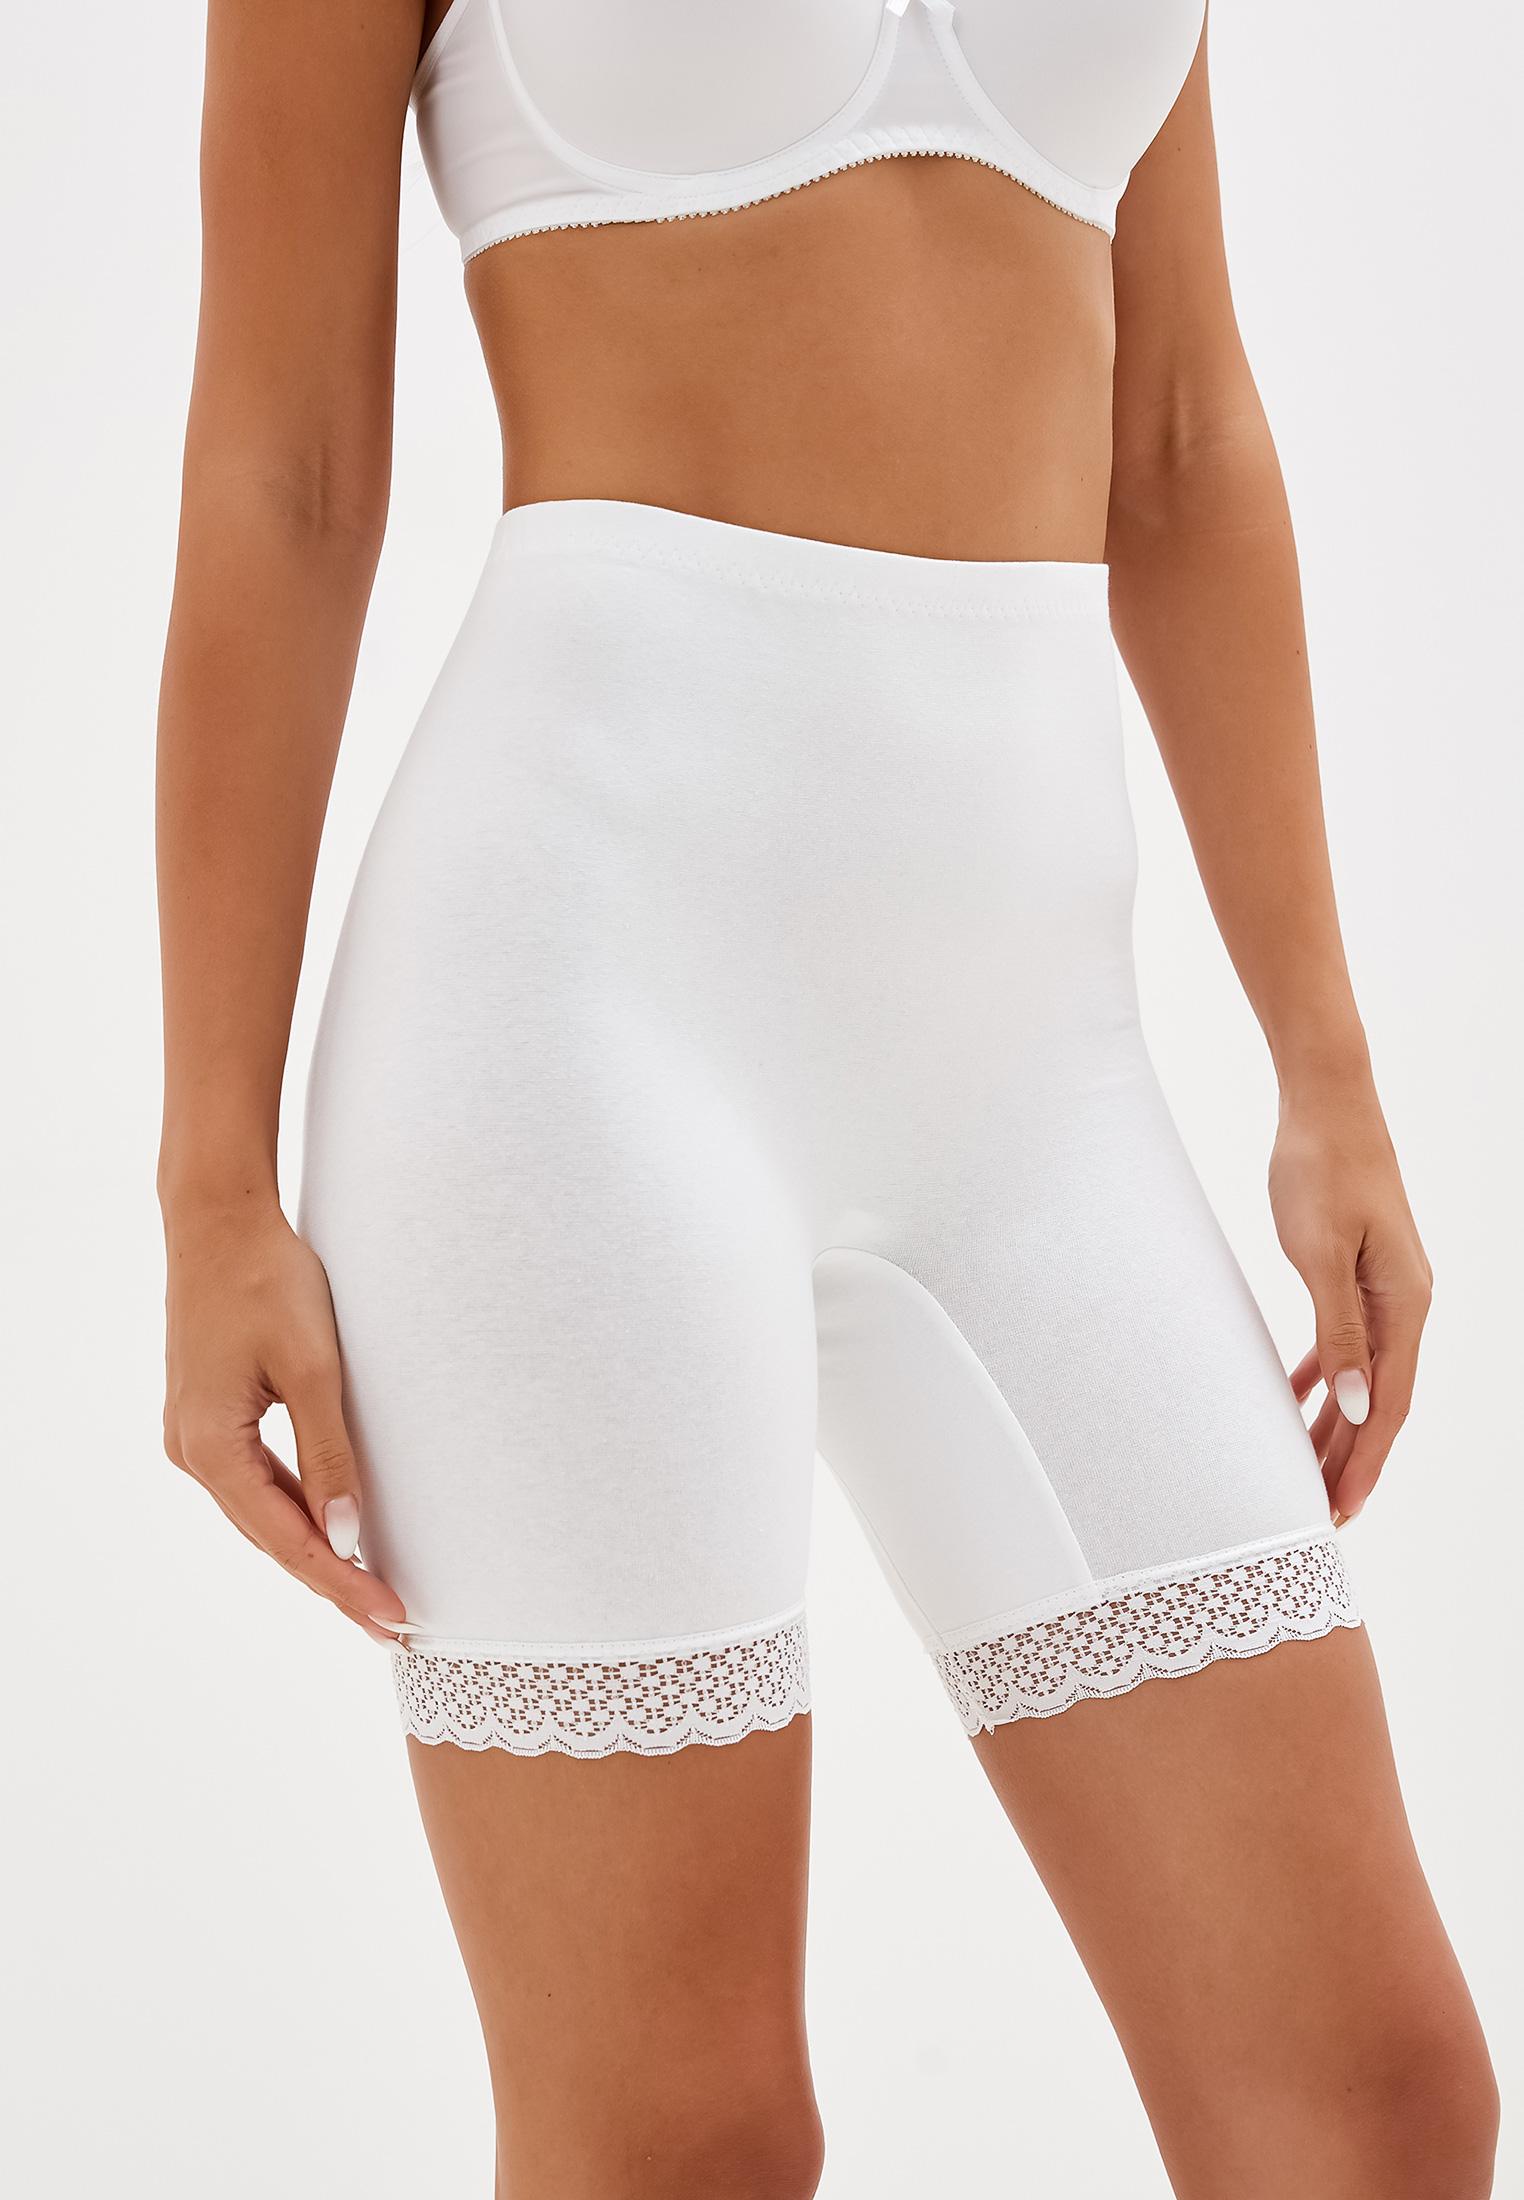 Панталоны женские НОВОЕ ВРЕМЯ T014 белые 50 RU